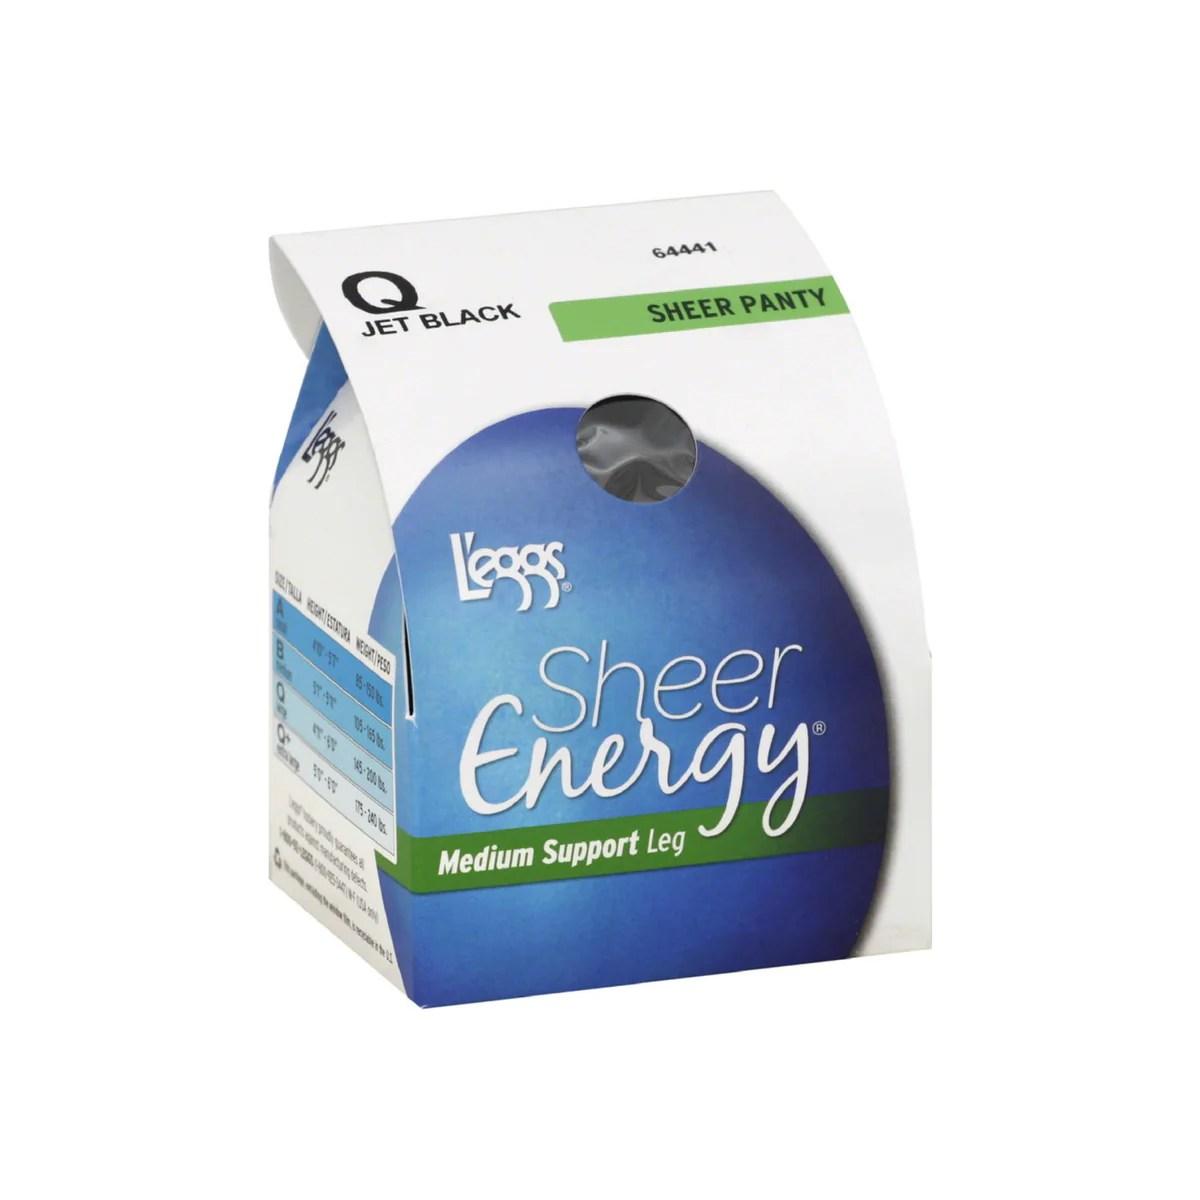 L'eggs Sheer Energy Pantyhose Size Jet Black 1 Ea